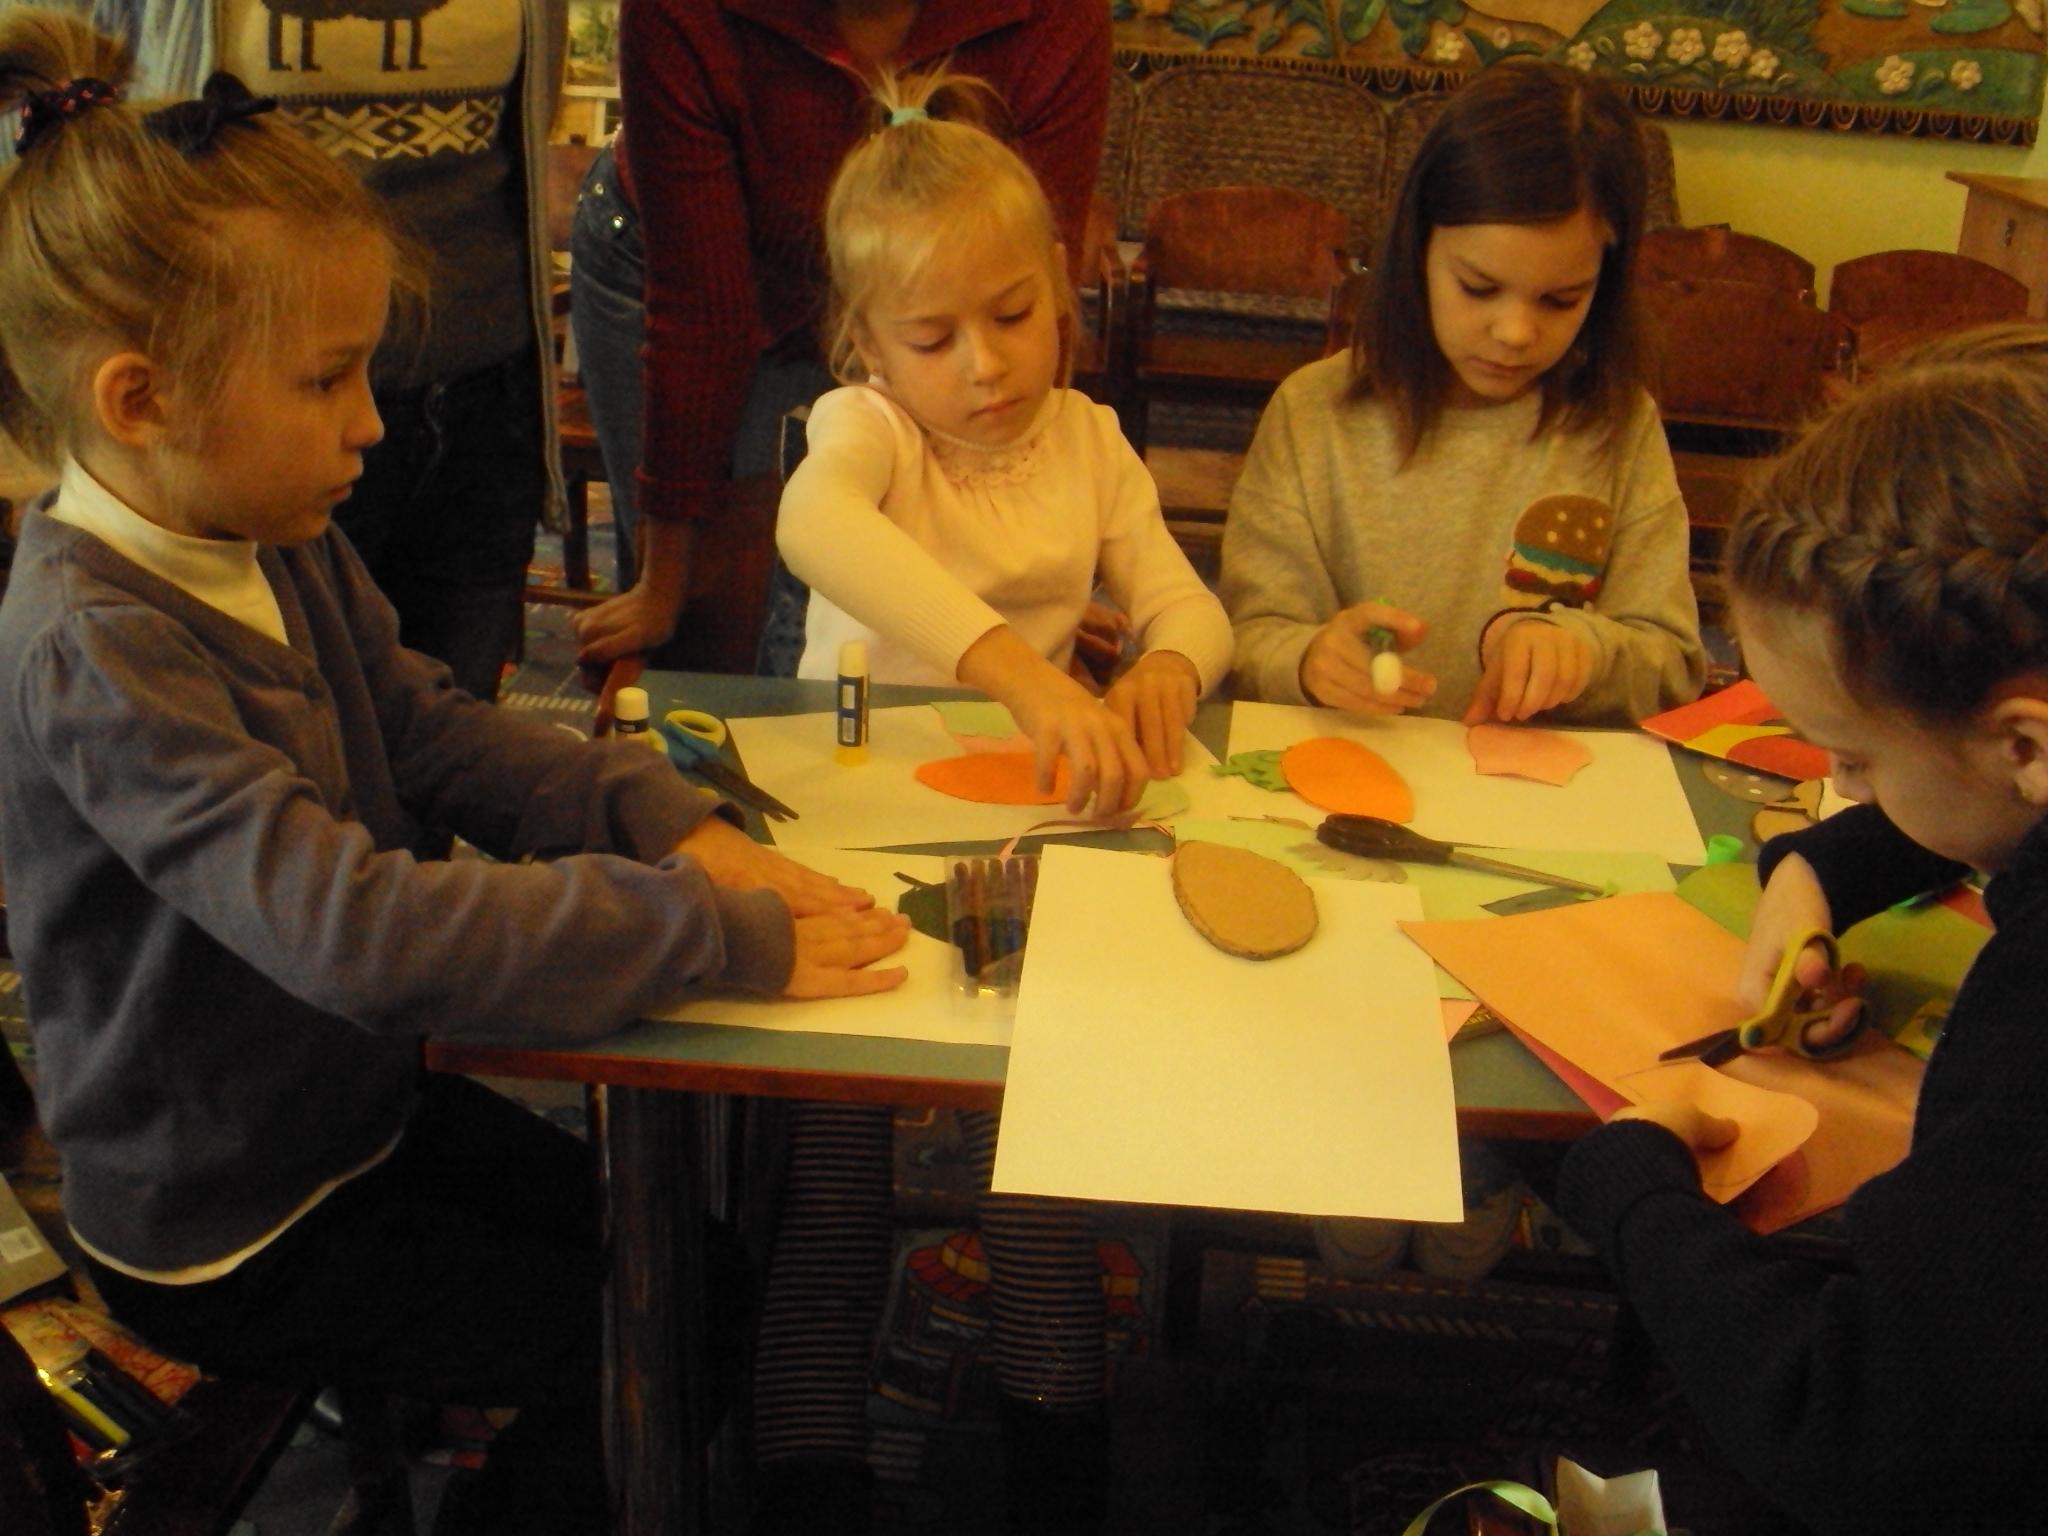 делу время потехе час, занятия с детьми, евгений шварц, донецкая республиканская библиотека для детей, донецкая школа №14